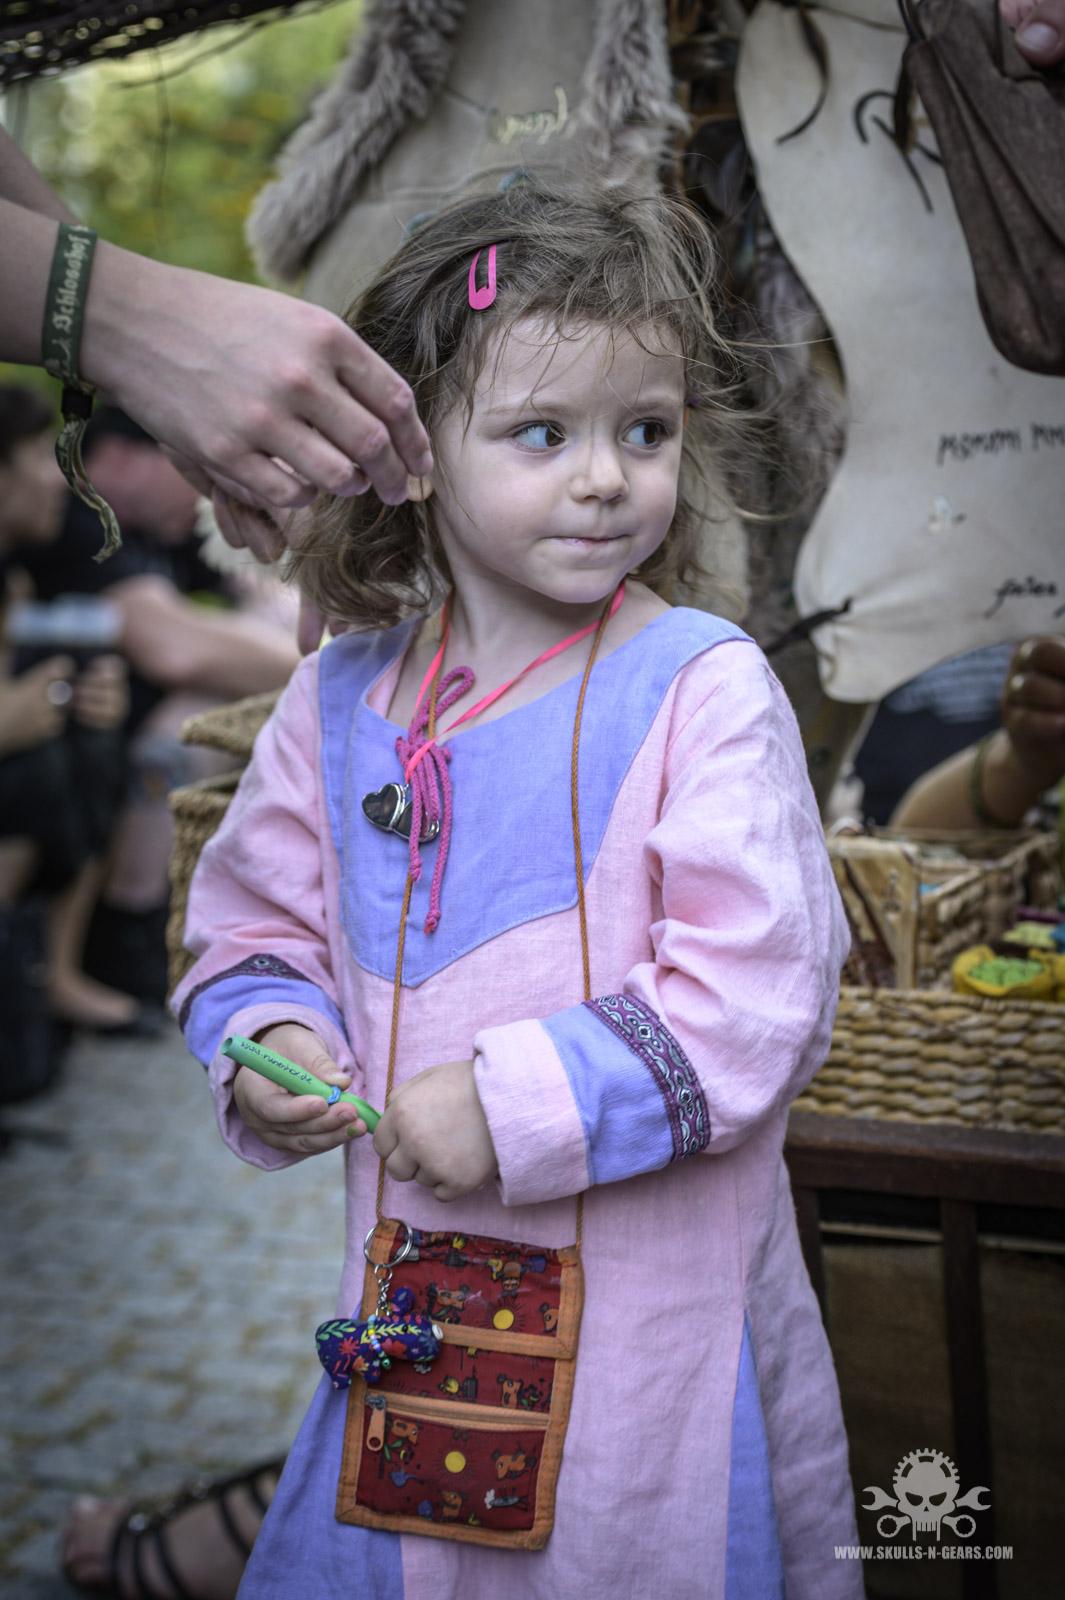 Schlosshof Festival - Besucher-60